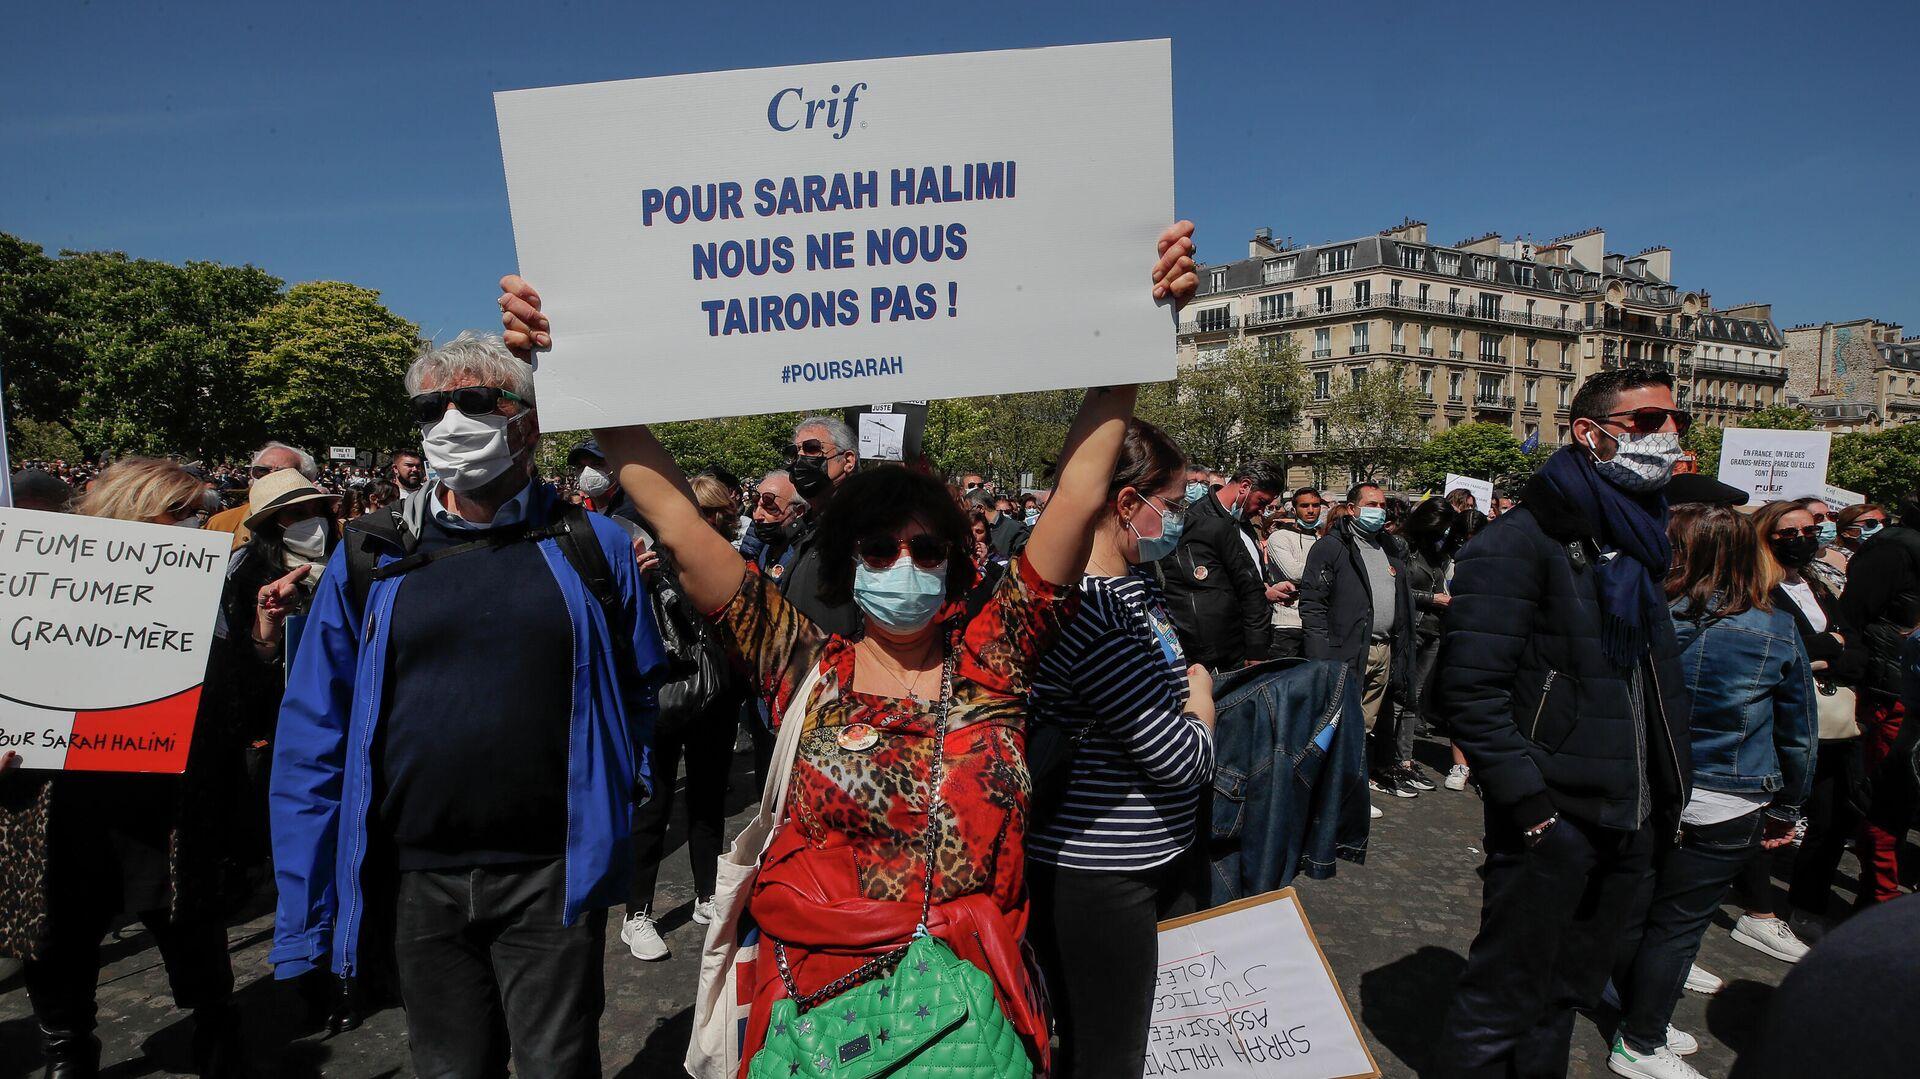 Las protestas en París contra el fallo judicial por el asesinato a Sarah Halimi - Sputnik Mundo, 1920, 25.04.2021